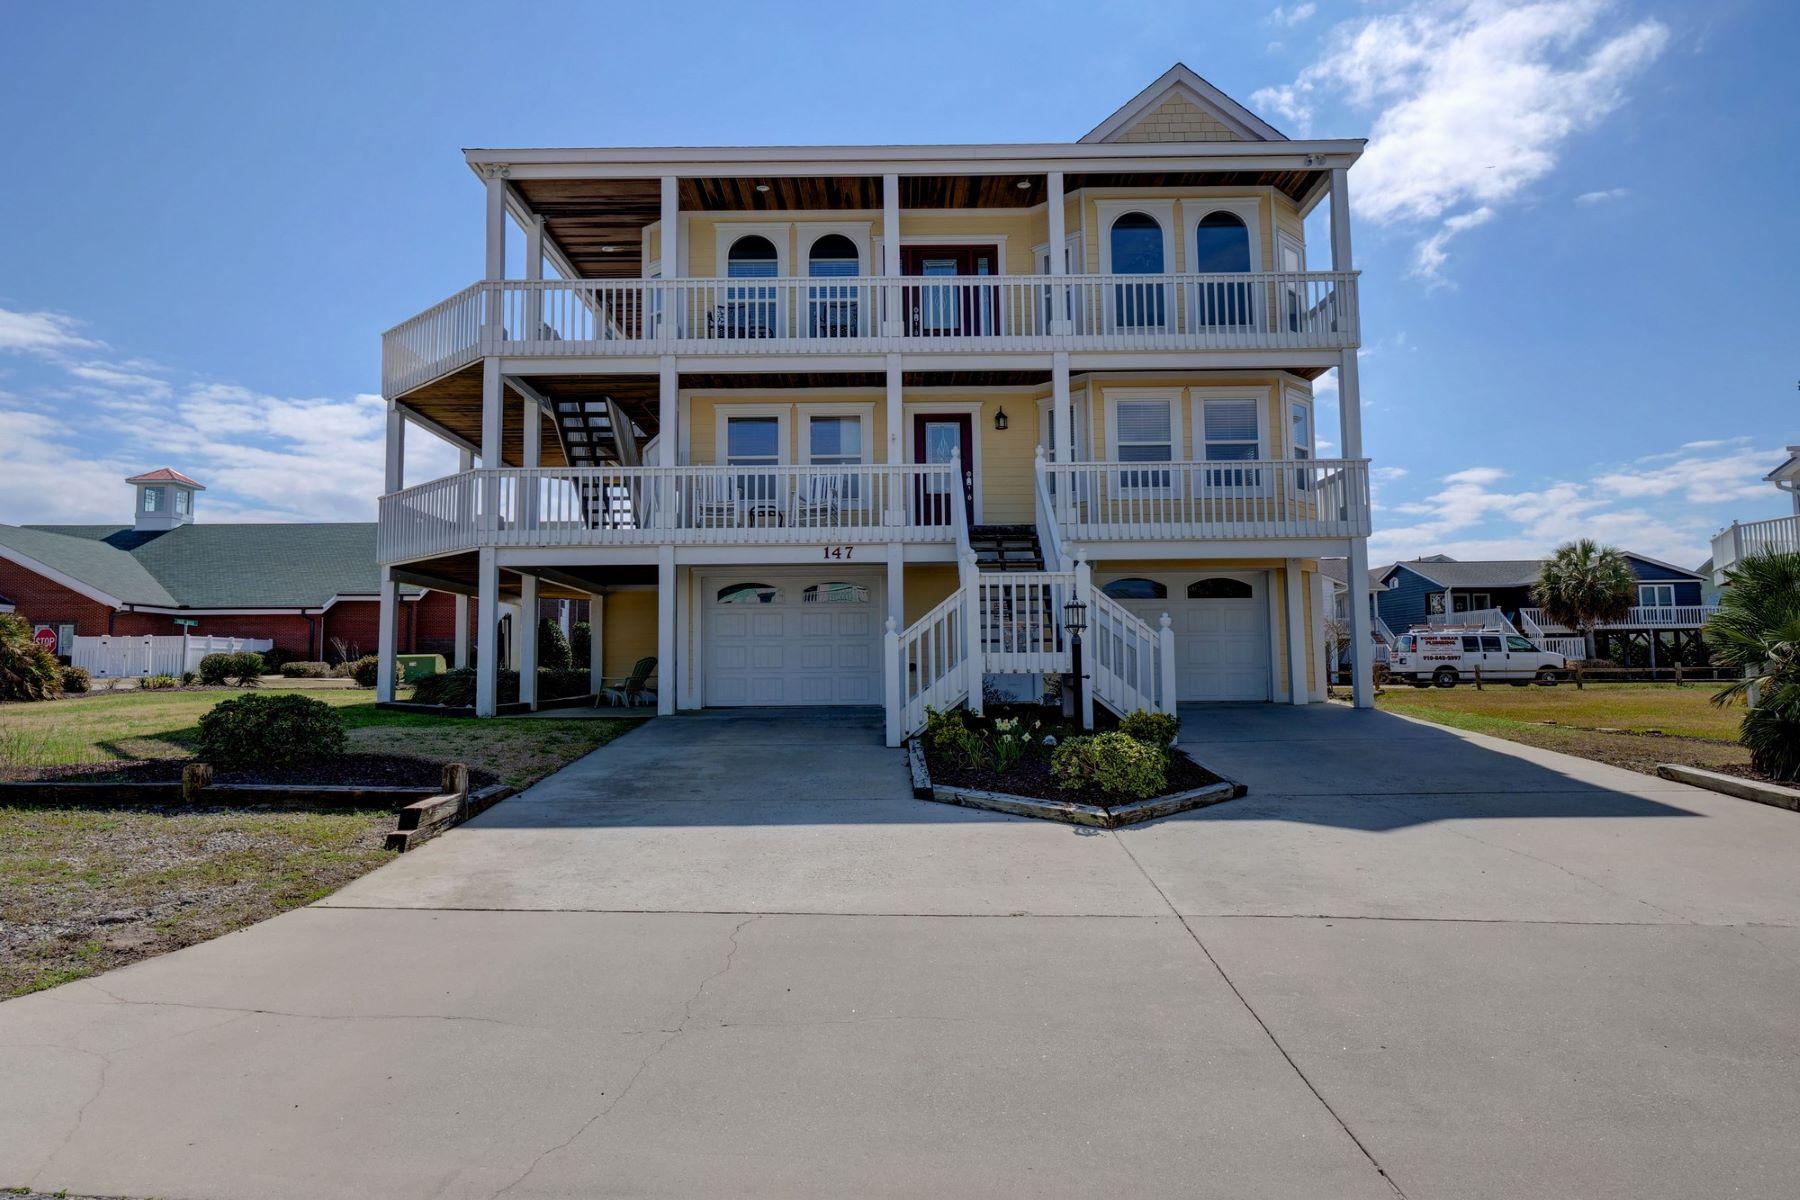 Частный односемейный дом для того Продажа на Coastal Living Begins in this Home 147 Yacht Watch Drive, Holden Beach, Северная Каролина, 28462 Соединенные Штаты